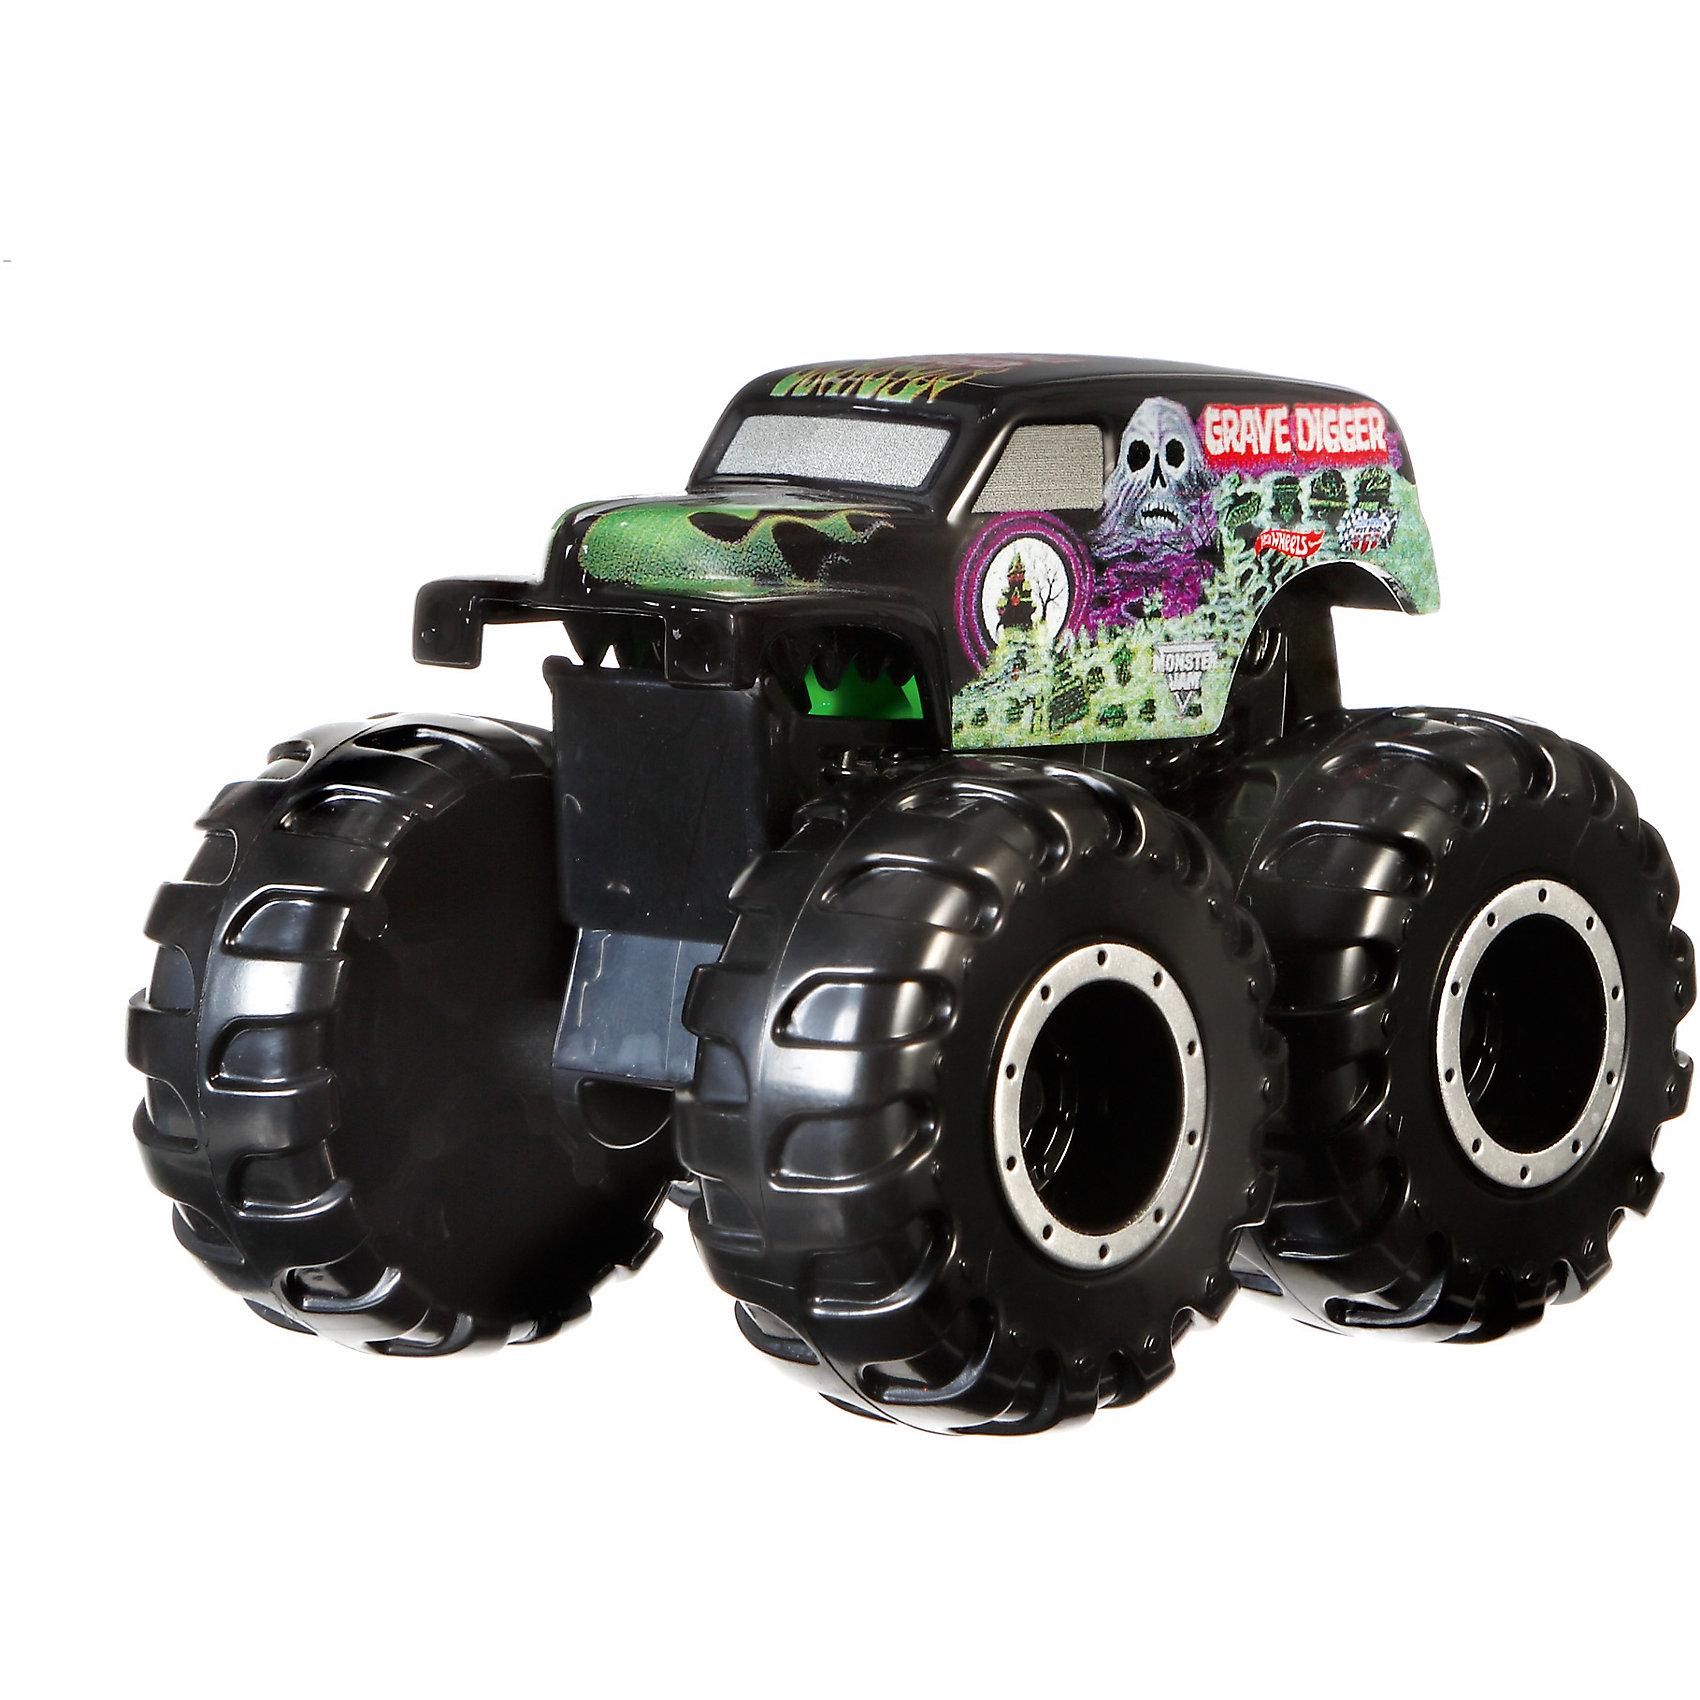 Машинка - мутант серии Monster Jam, Hot WheelsМашинки<br>Машинка – мутант – не простая игрушка на колесах, а настоящее чудо техники, которое увлечет любого малыша. Все машинки выполнены из пластика, который не боится ударов и падения игрушки с высоты. Колеса имеют большой размер, что позволяет машинке беспрепятственно передвигаться по любым поверхностям. Корпус машинки поднимается вверх. Машинка упакована в плотную картонную коробку с включением пластика. Материалы, использованные при изготовлении игрушек, полностью безопасны для детей и отвечают всем требованиям по качеству.<br><br>Дополнительная информация: <br><br>цвет: разноцветный;<br>материал: пластик.<br><br>Машинку - мутант серии Monster Jam,из серии  Hot Wheels, от компании Mattel можно приобрести в нашем магазине.<br><br>Ширина мм: 65<br>Глубина мм: 140<br>Высота мм: 215<br>Вес г: 166<br>Возраст от месяцев: 48<br>Возраст до месяцев: 120<br>Пол: Мужской<br>Возраст: Детский<br>SKU: 5004451